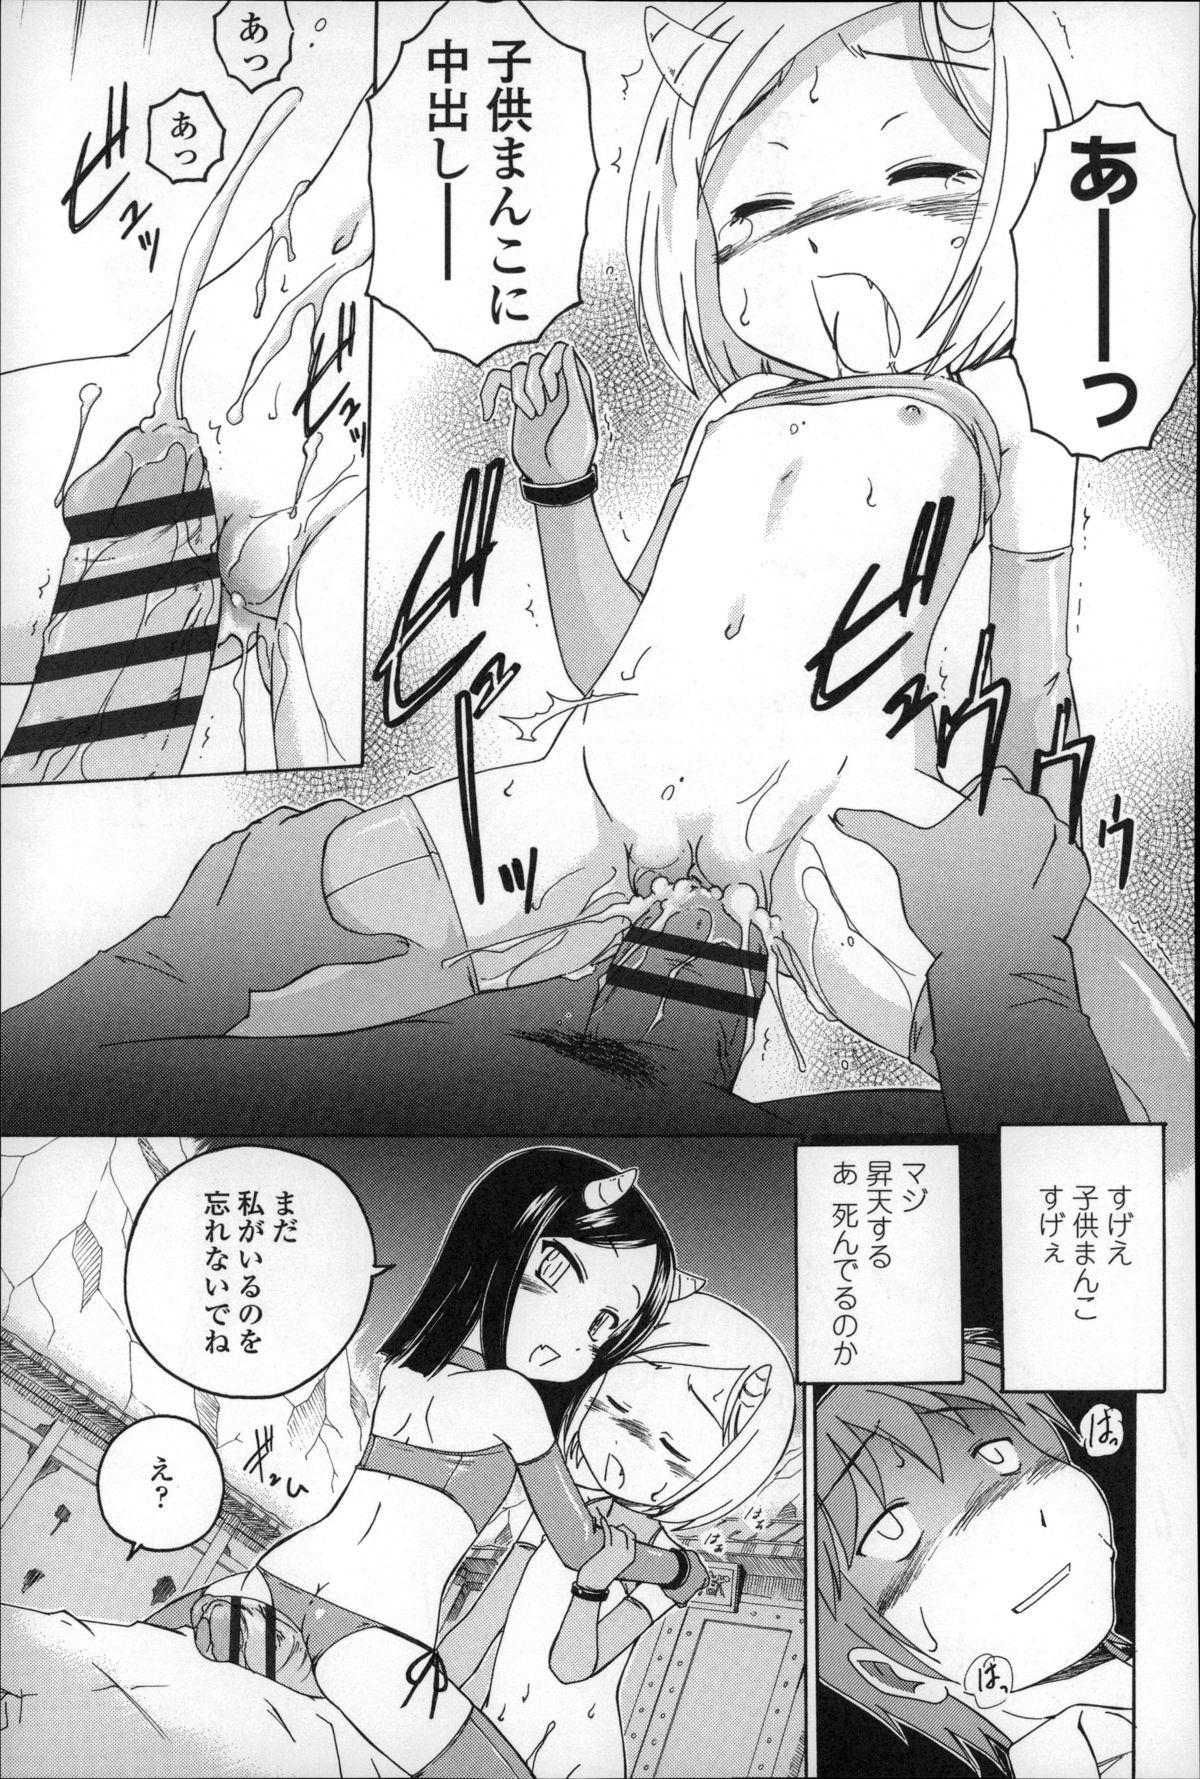 Youshou no Hana no Himitsu - The secret of Girls flowers 148